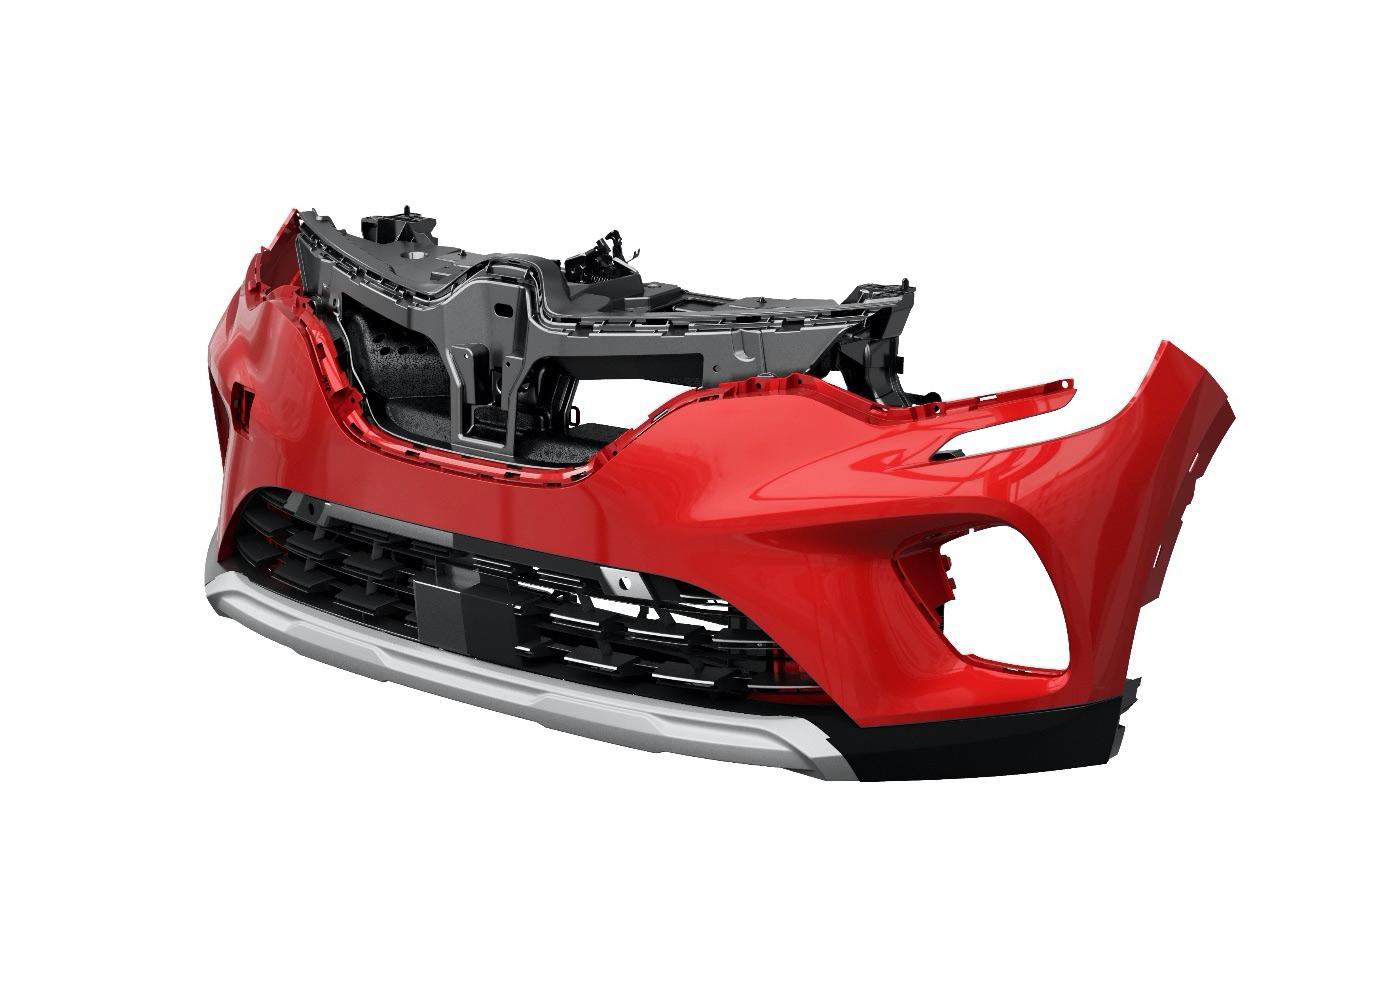 Module de protection passive pour piétons avant - Sortie d'air avant d'un Renault Captur et absorbeur de pare-chocs avant.